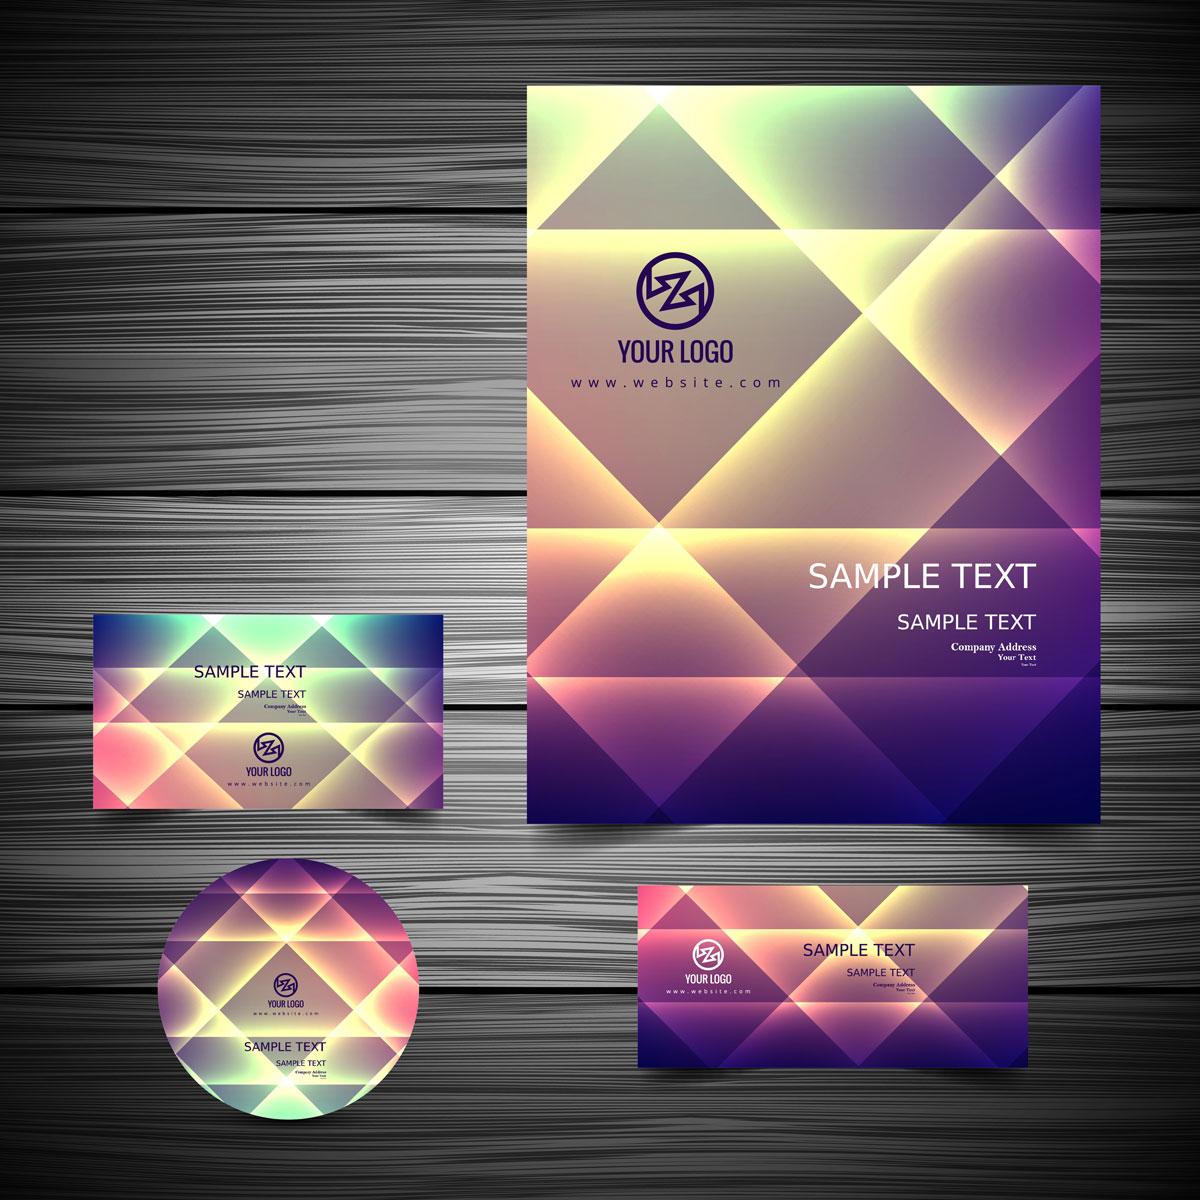 Mẫu card visit đẹp thể hiện trên những kích thước hình khối khác nhau